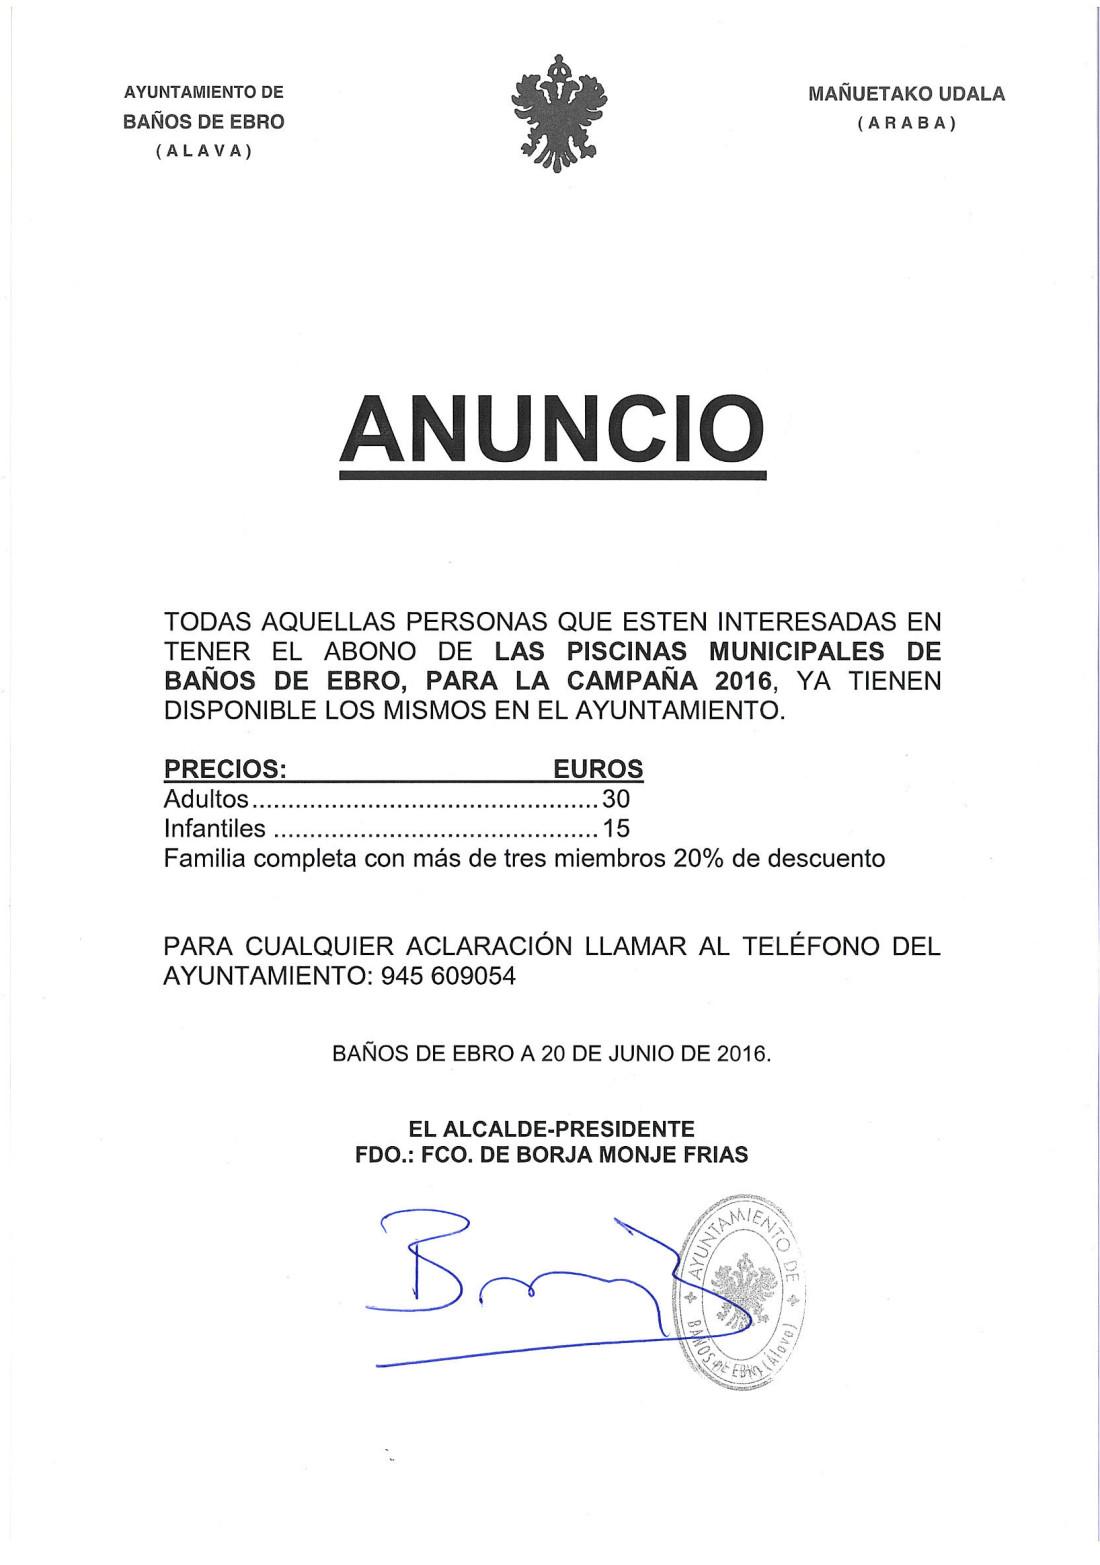 DISPONIBLES LOS ABONOS DE LAS PISCINAS MUNICIPALES, CAMPAÑA 2016